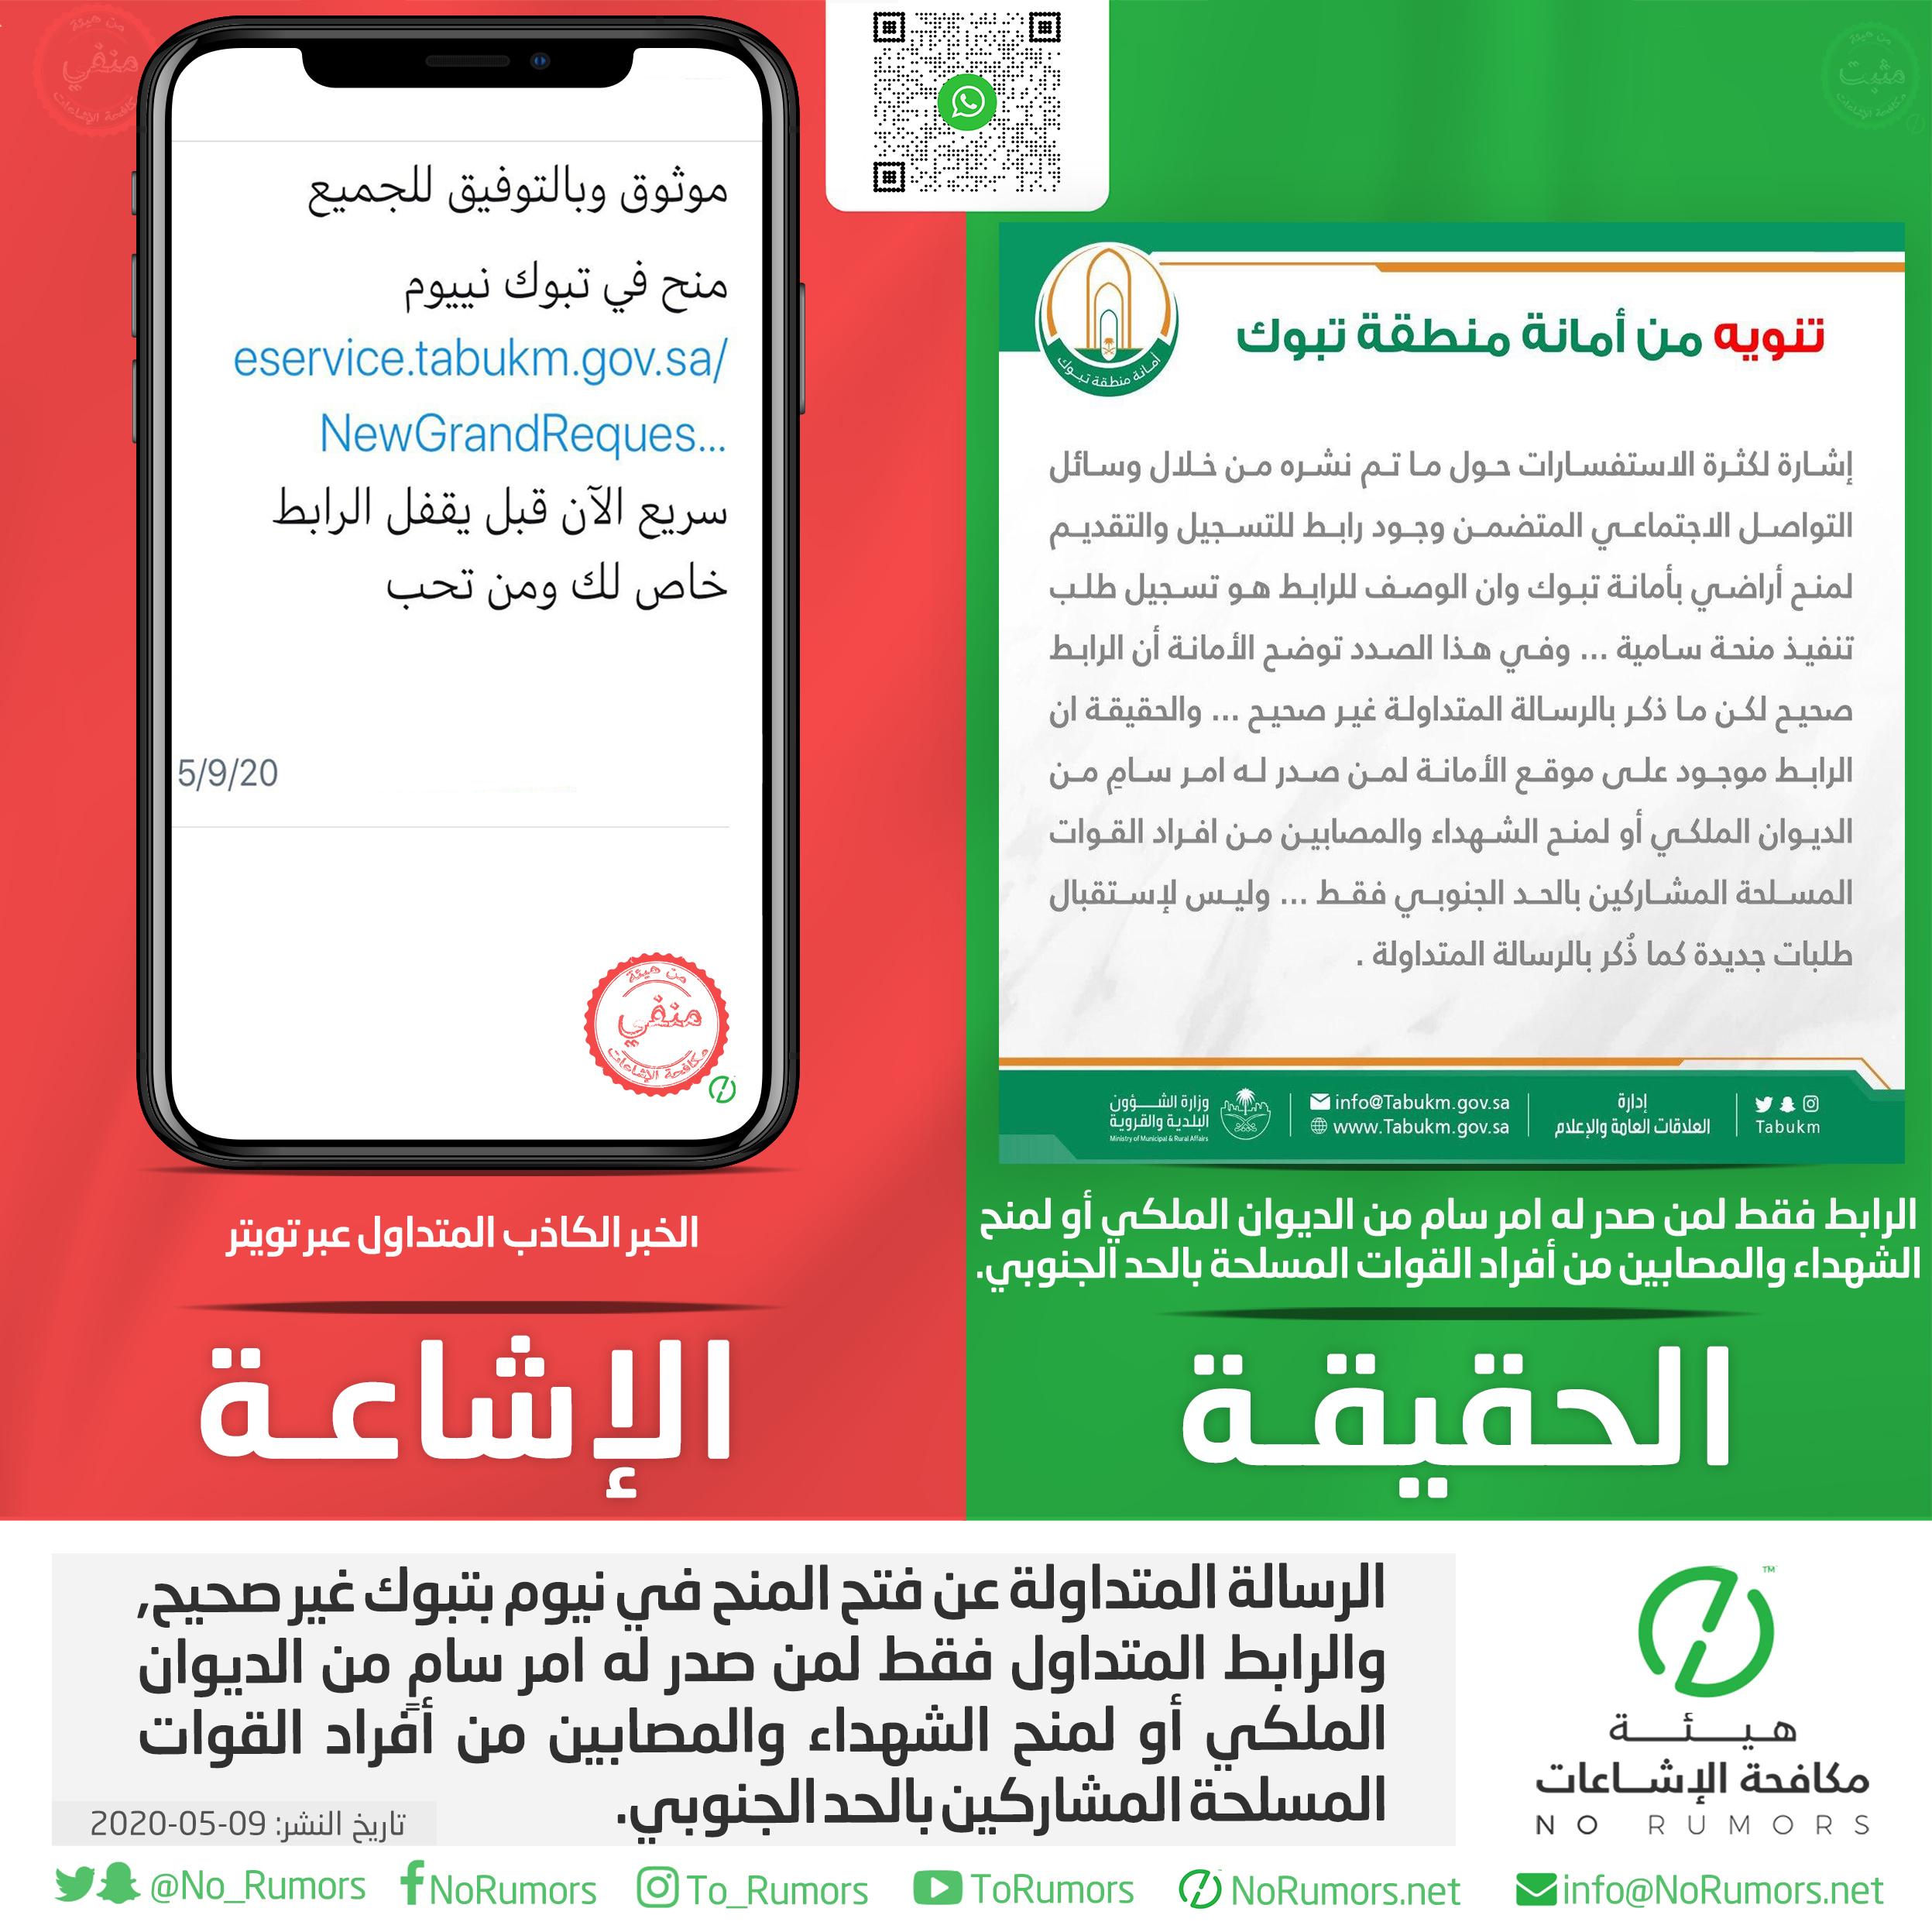 حقيقة الرسالة المتداولة عن فتح المنح في نيوم بتبوك